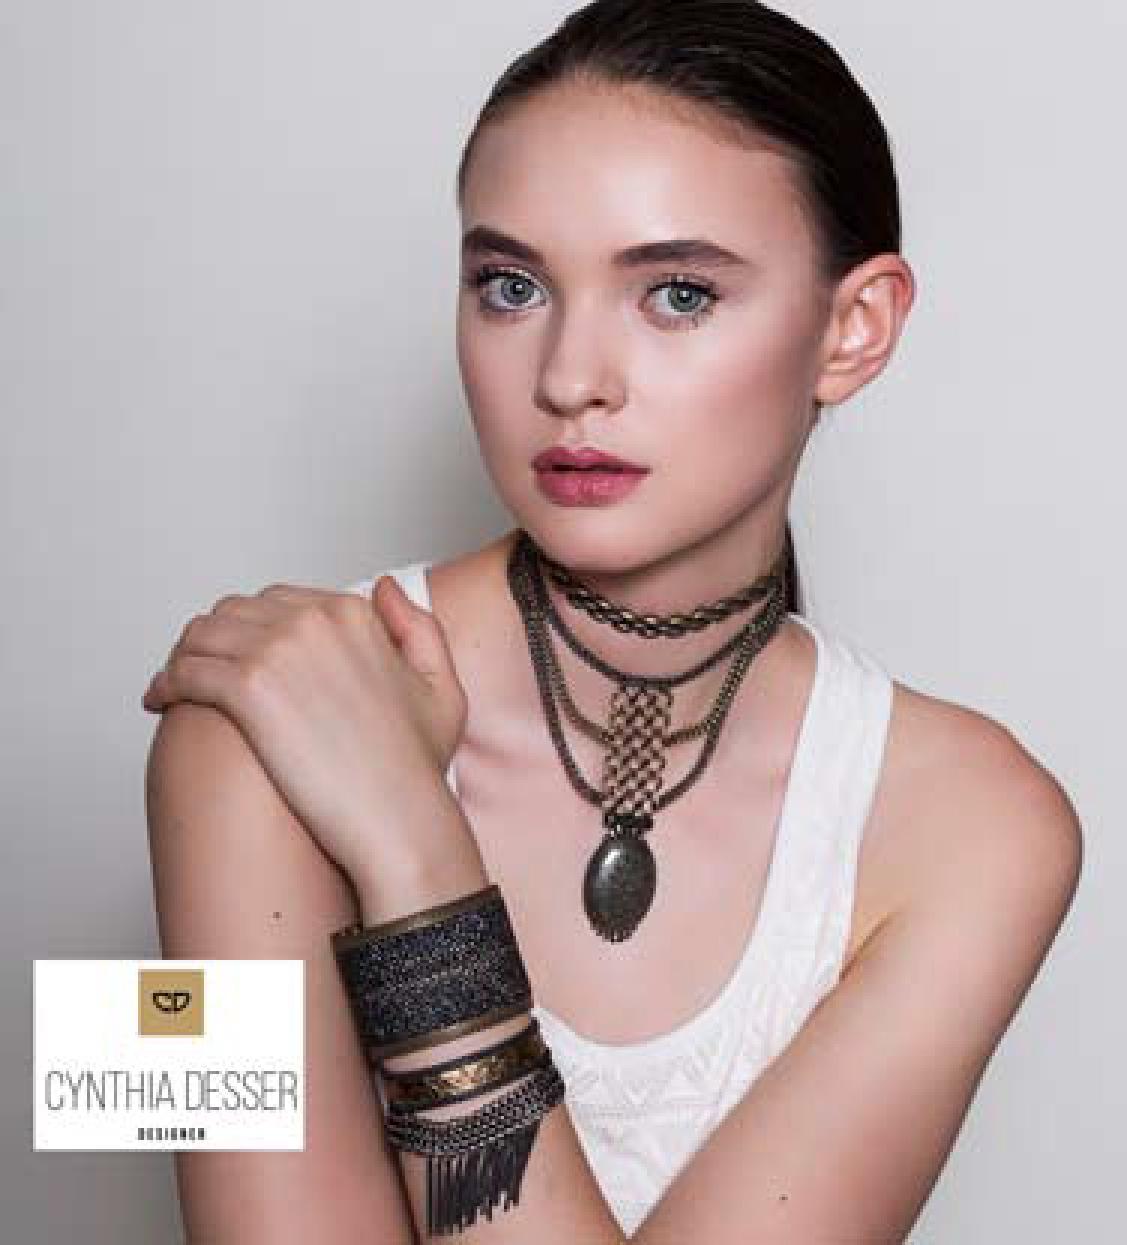 CYNTHIA DESSER